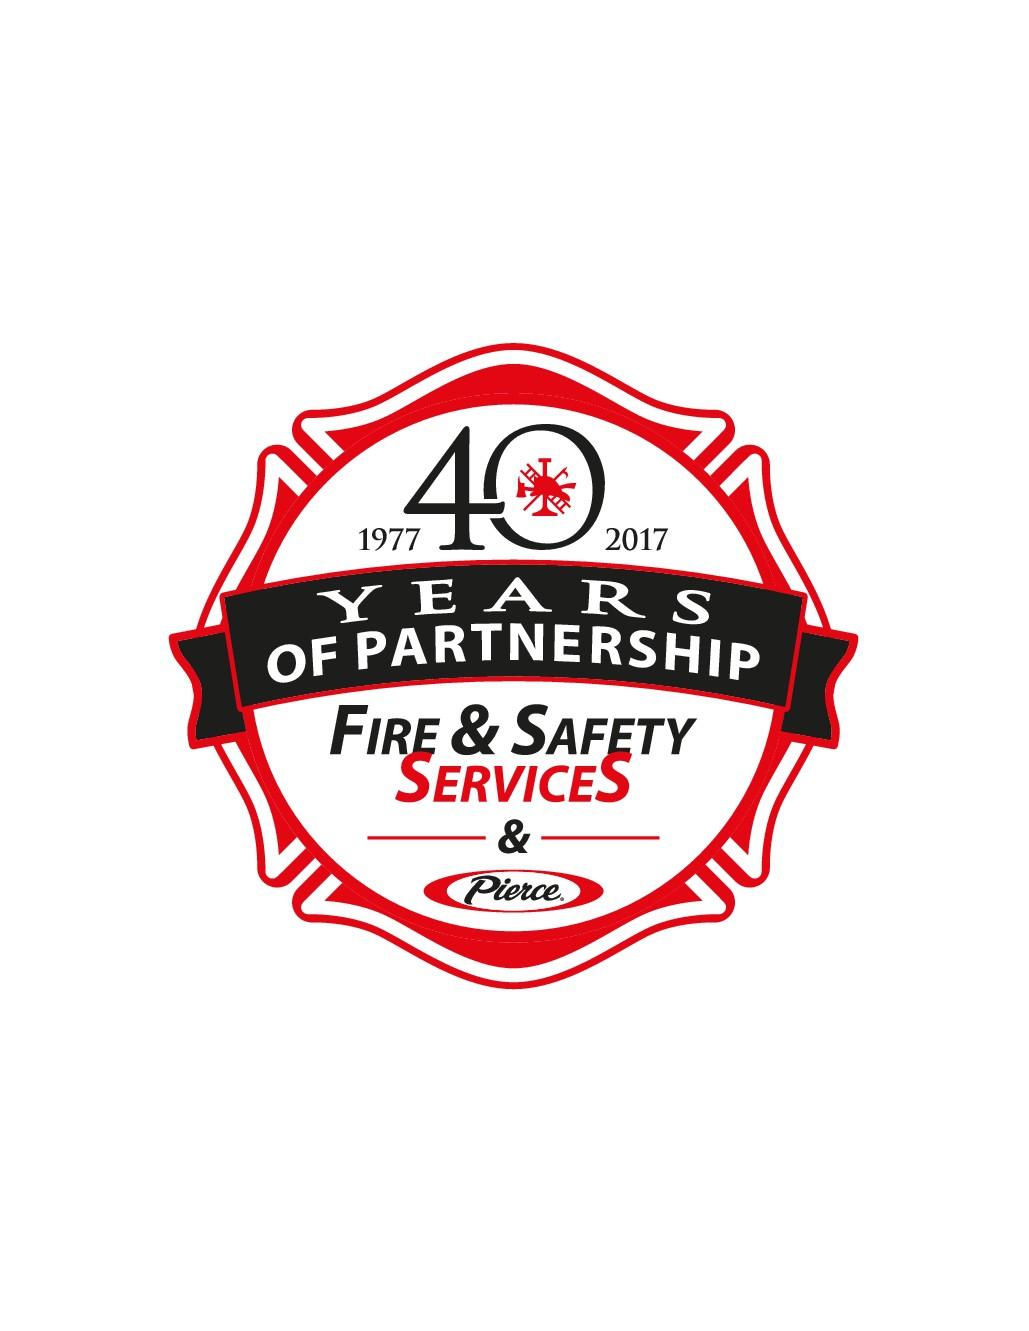 Help us celebrate 40 years of firetrucks